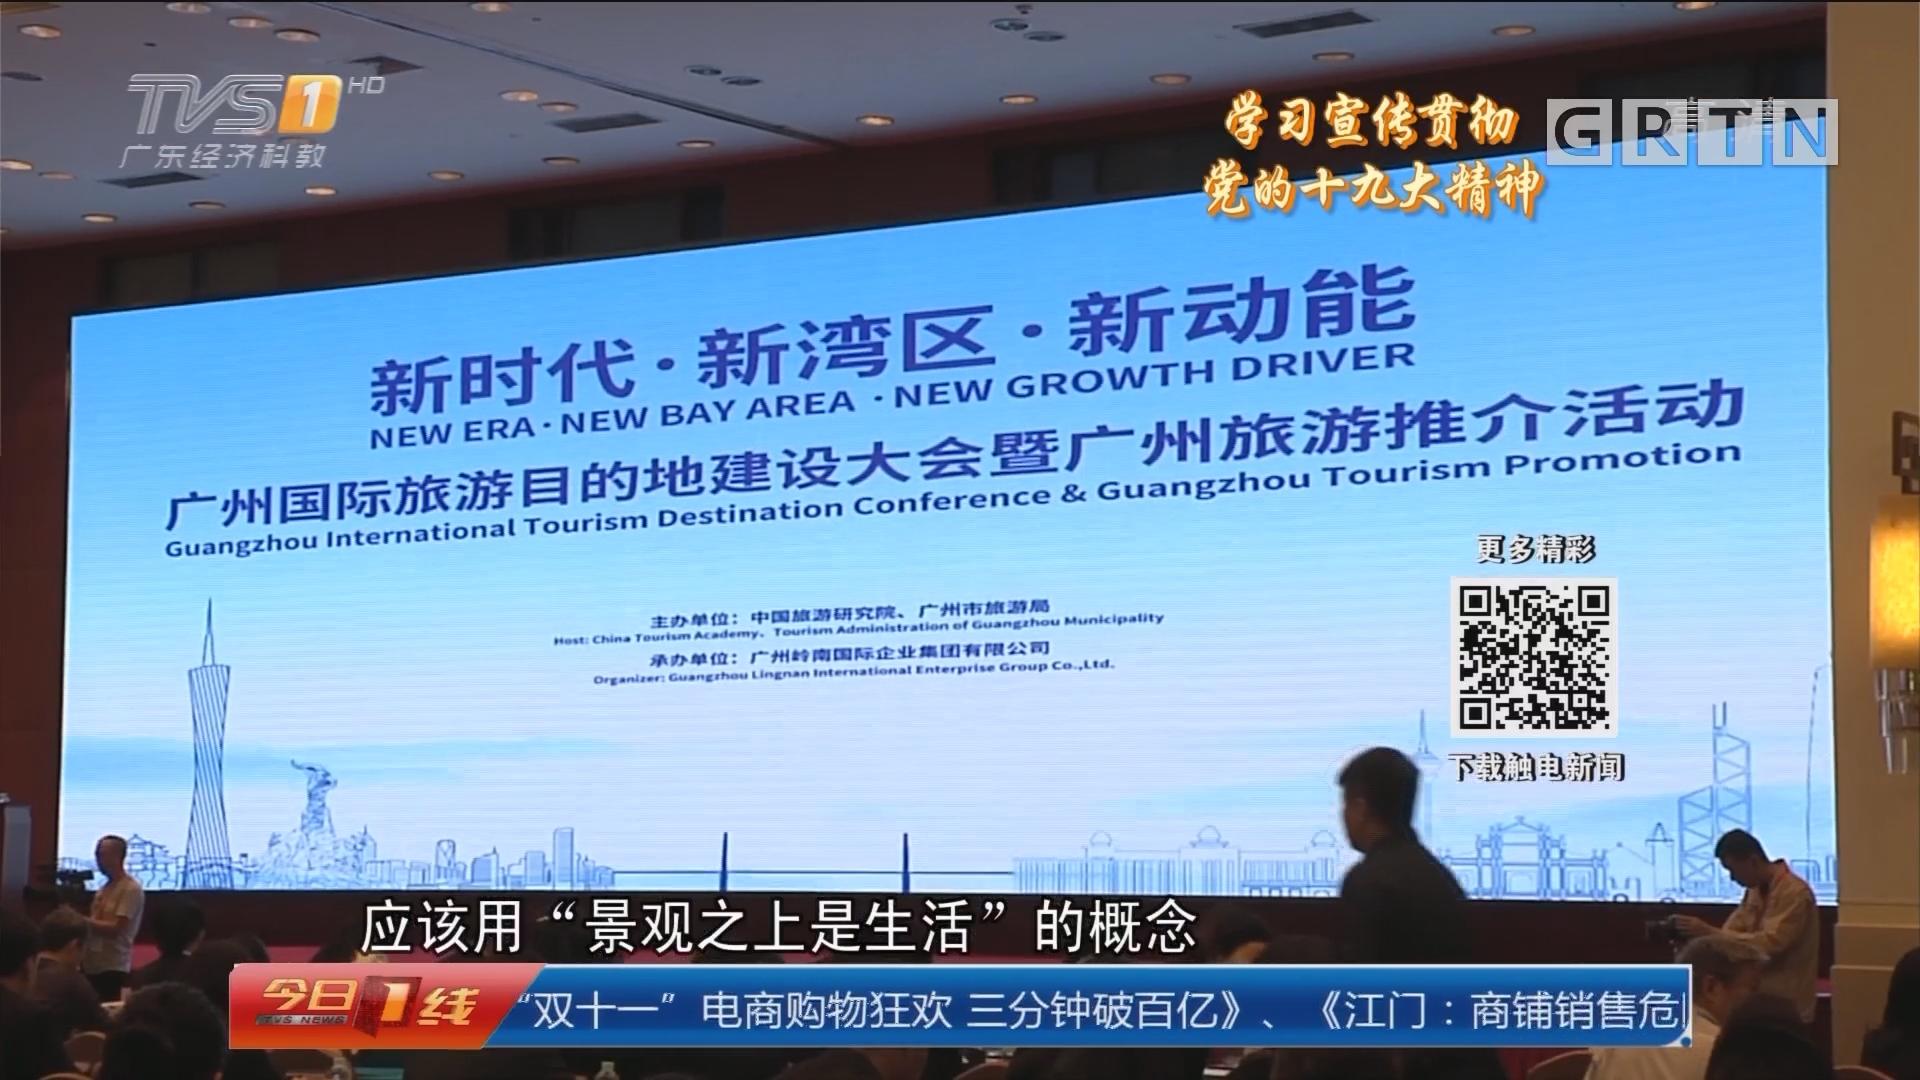 深入学习宣传贯彻十九大精神:广州旅游国际化进程提速